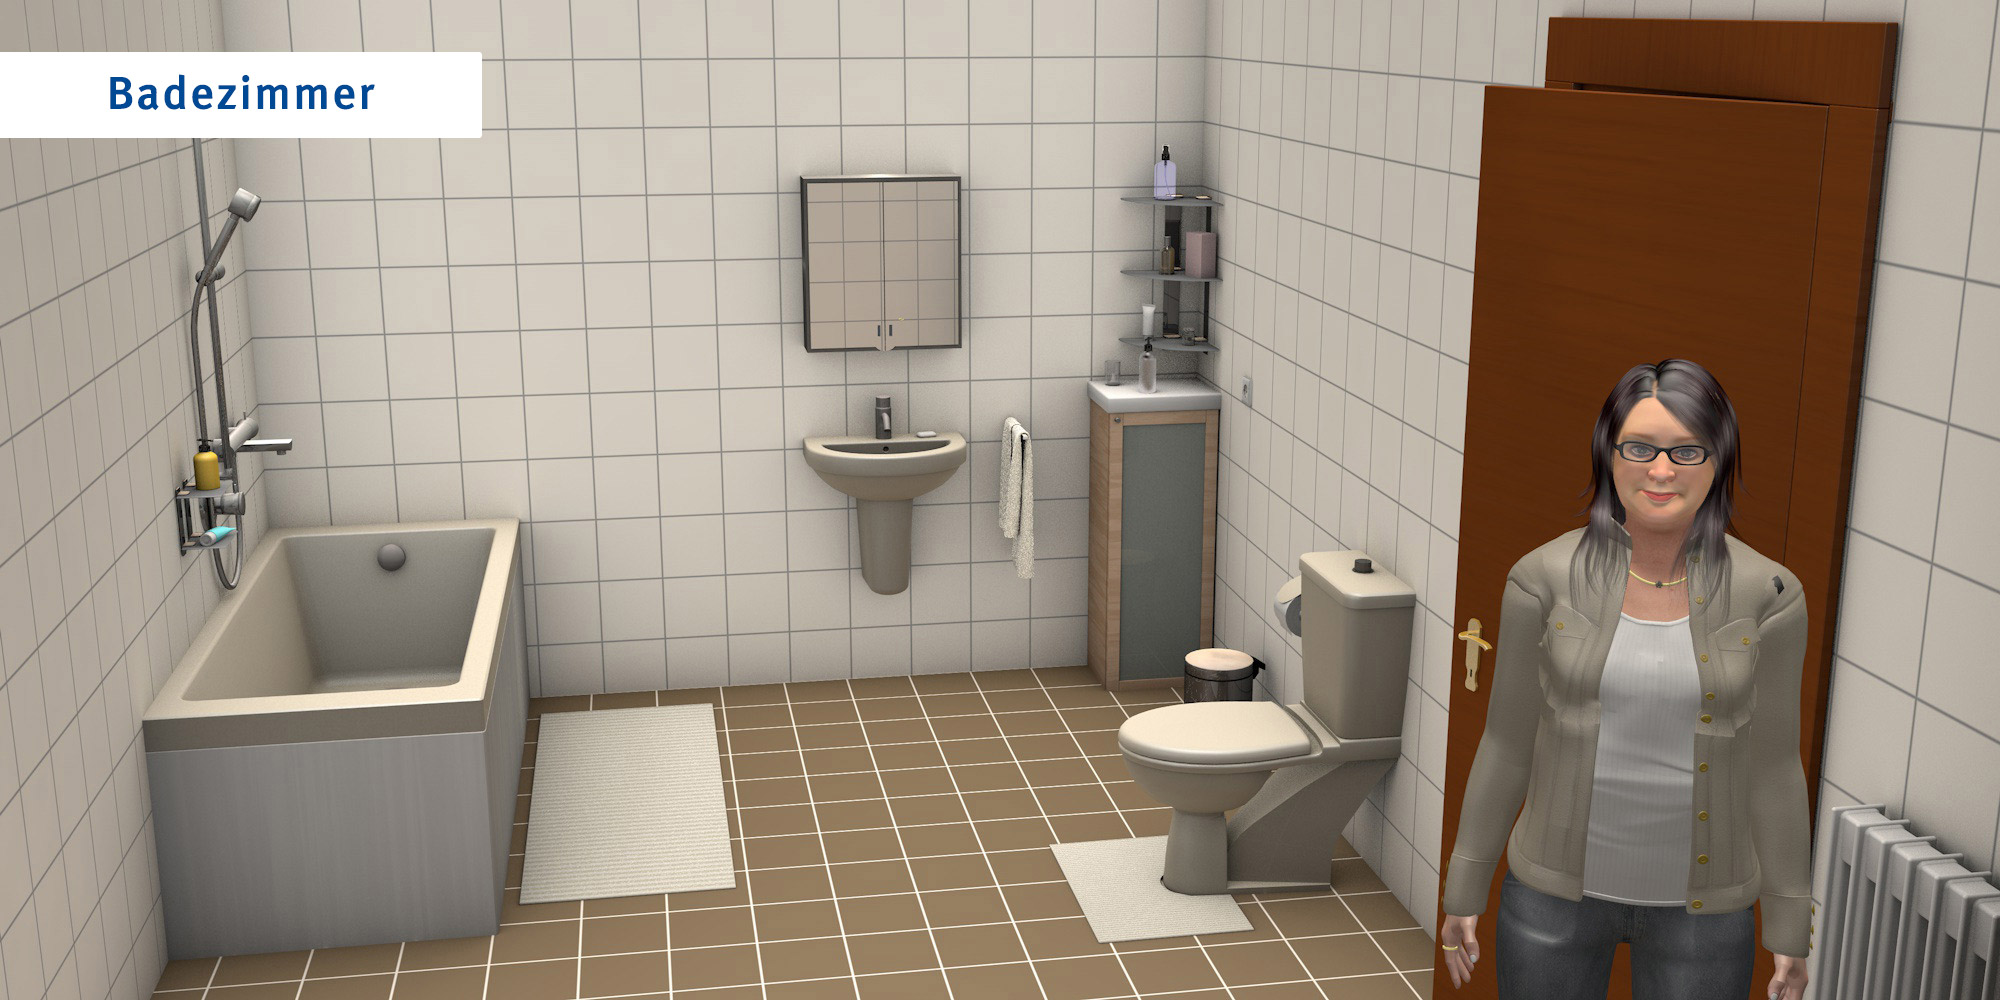 Badezimmer - übliche Version